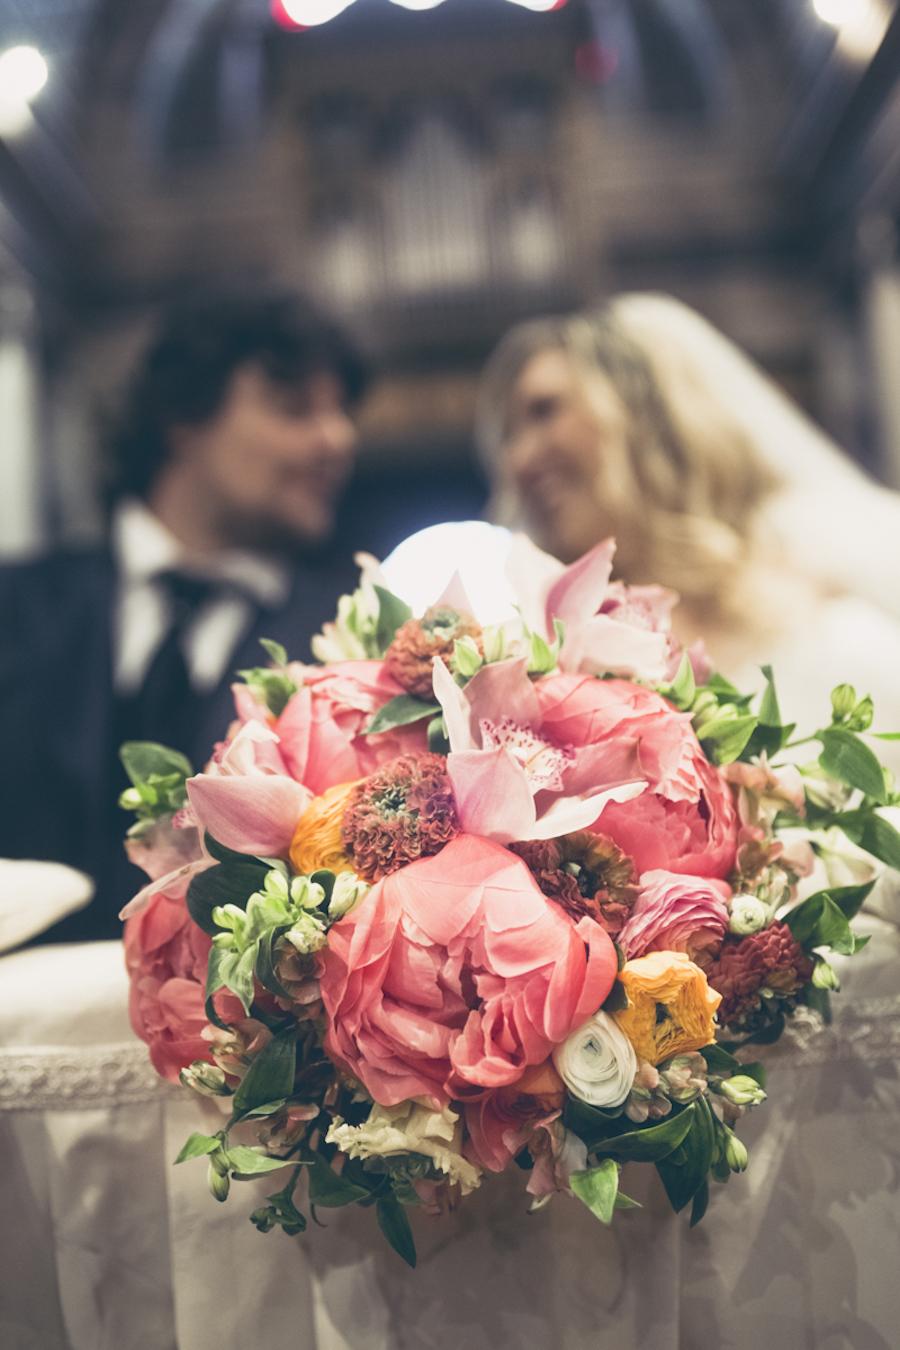 matrimonio-colorato-con-fenicotteri-matrimonio-adhoc-10